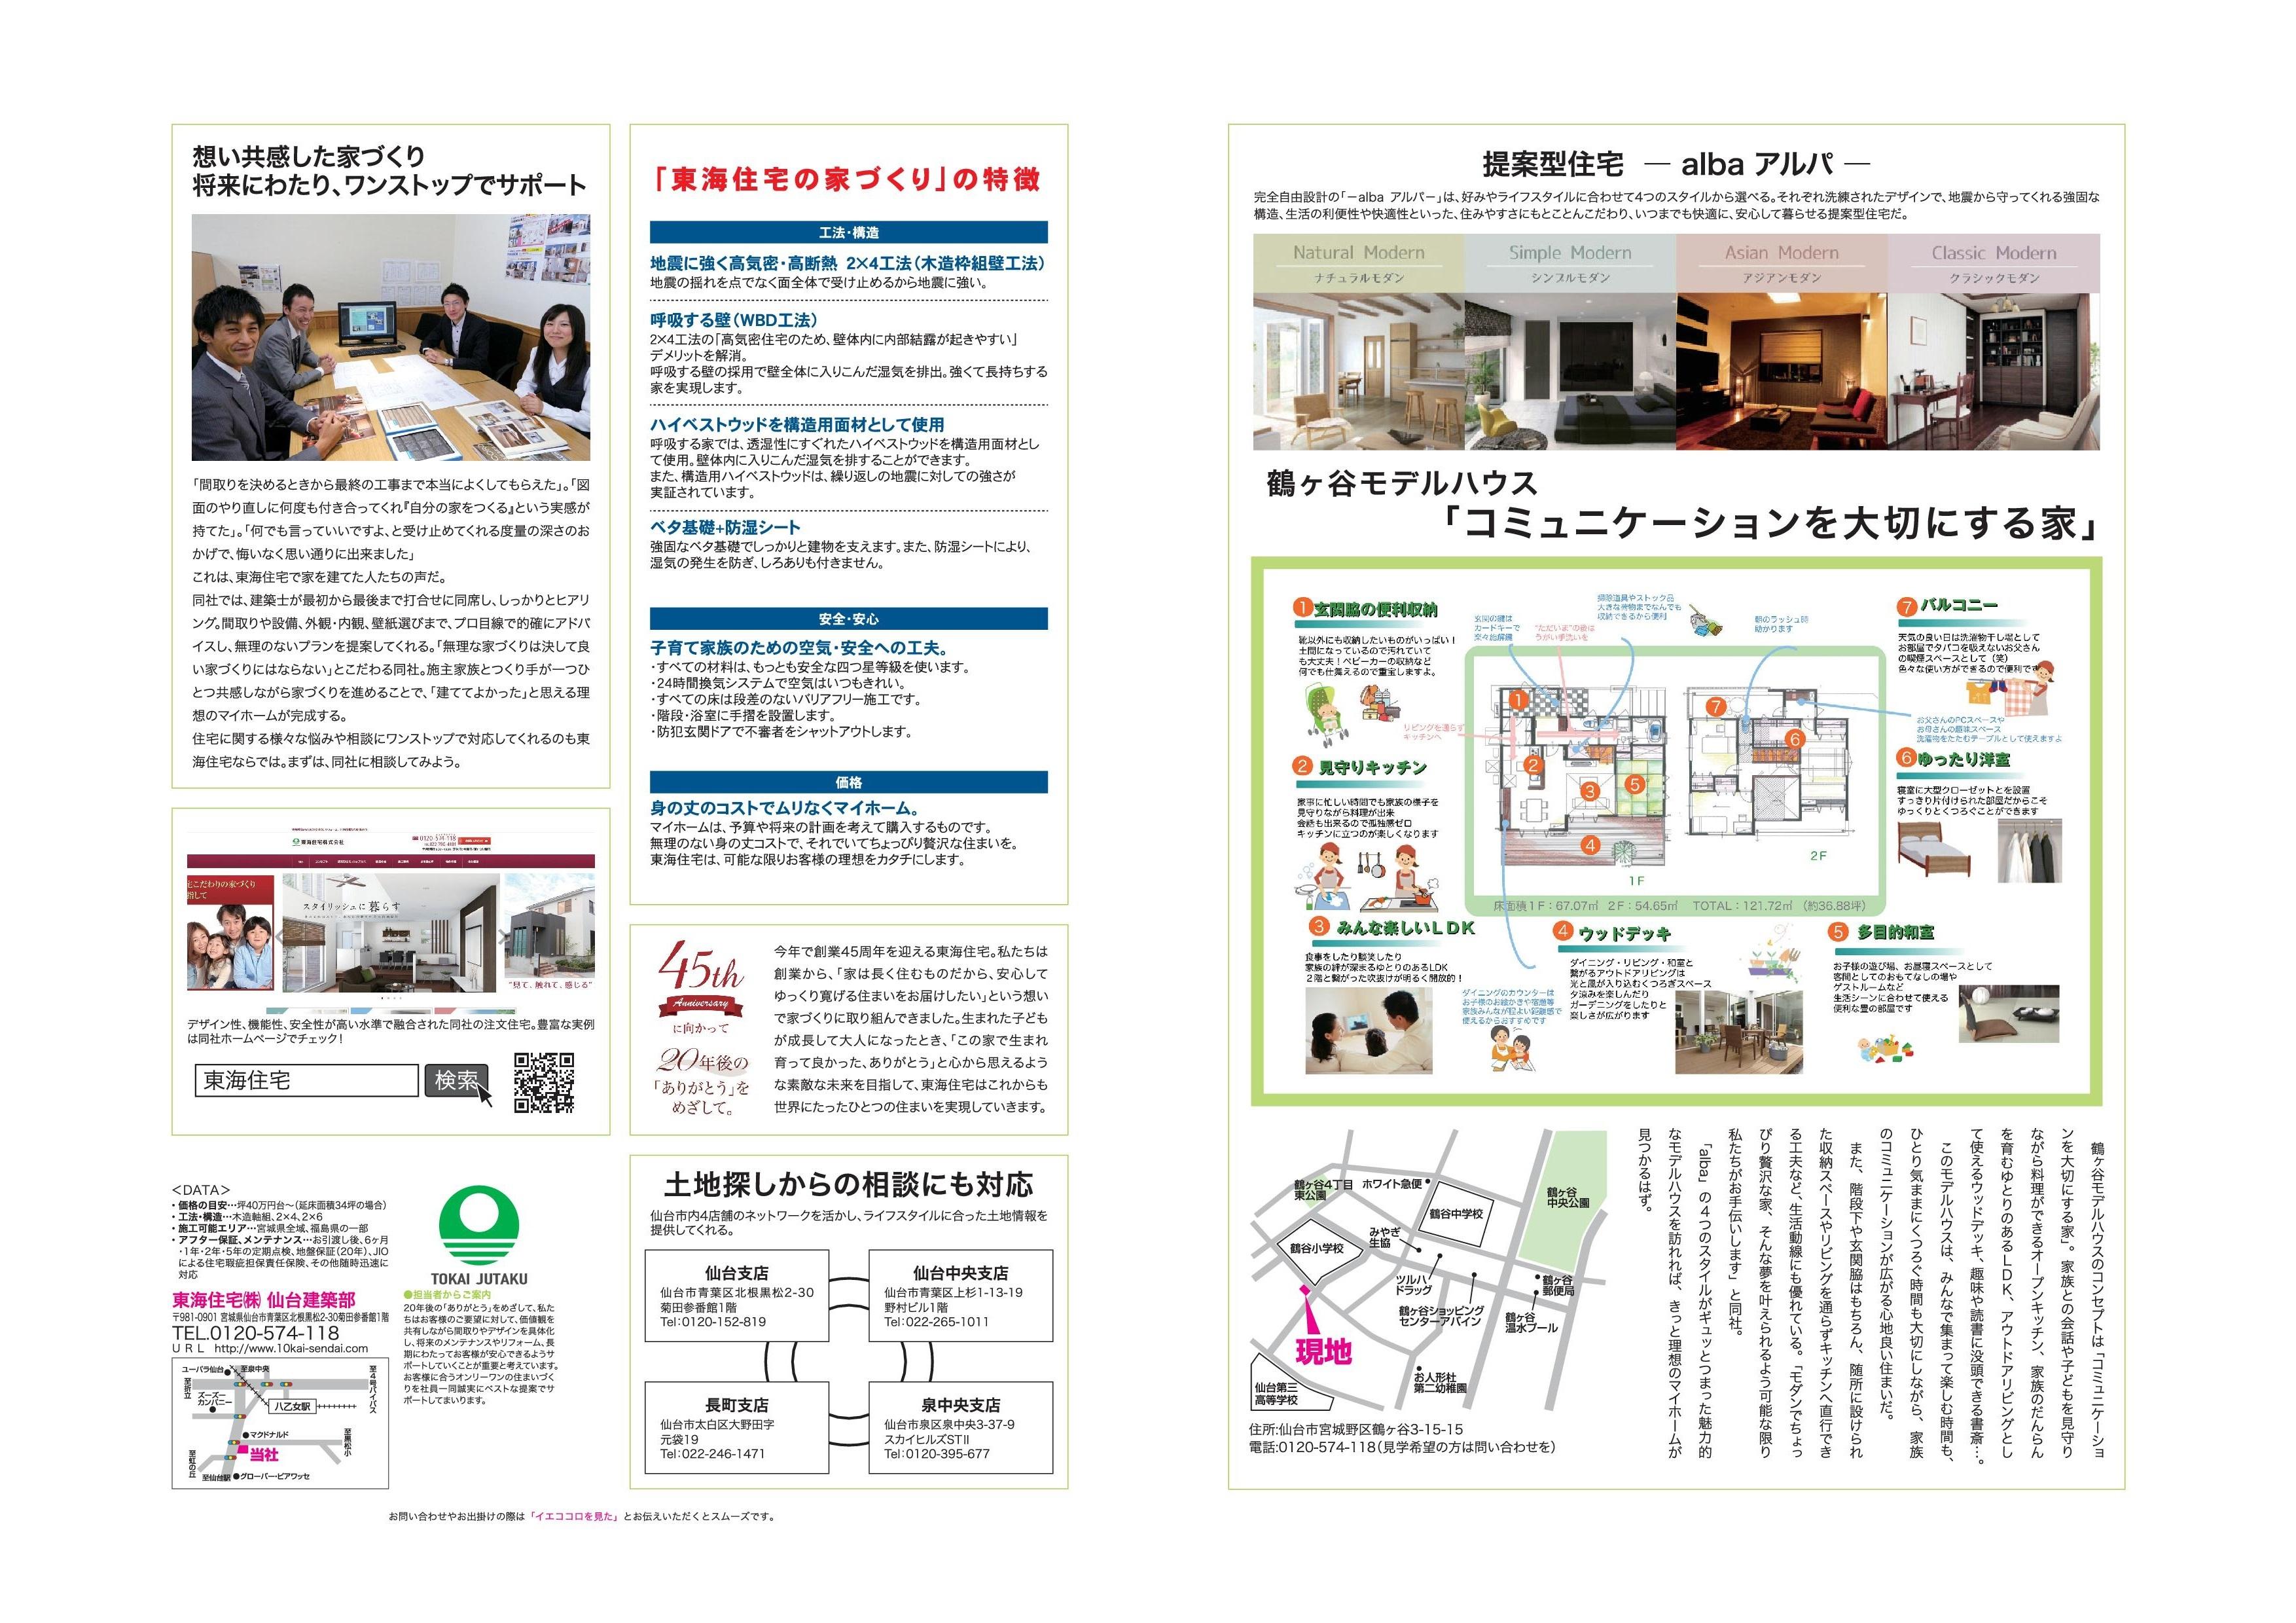 20160612【広告】イエココロ雑誌(16夏秋号)-002